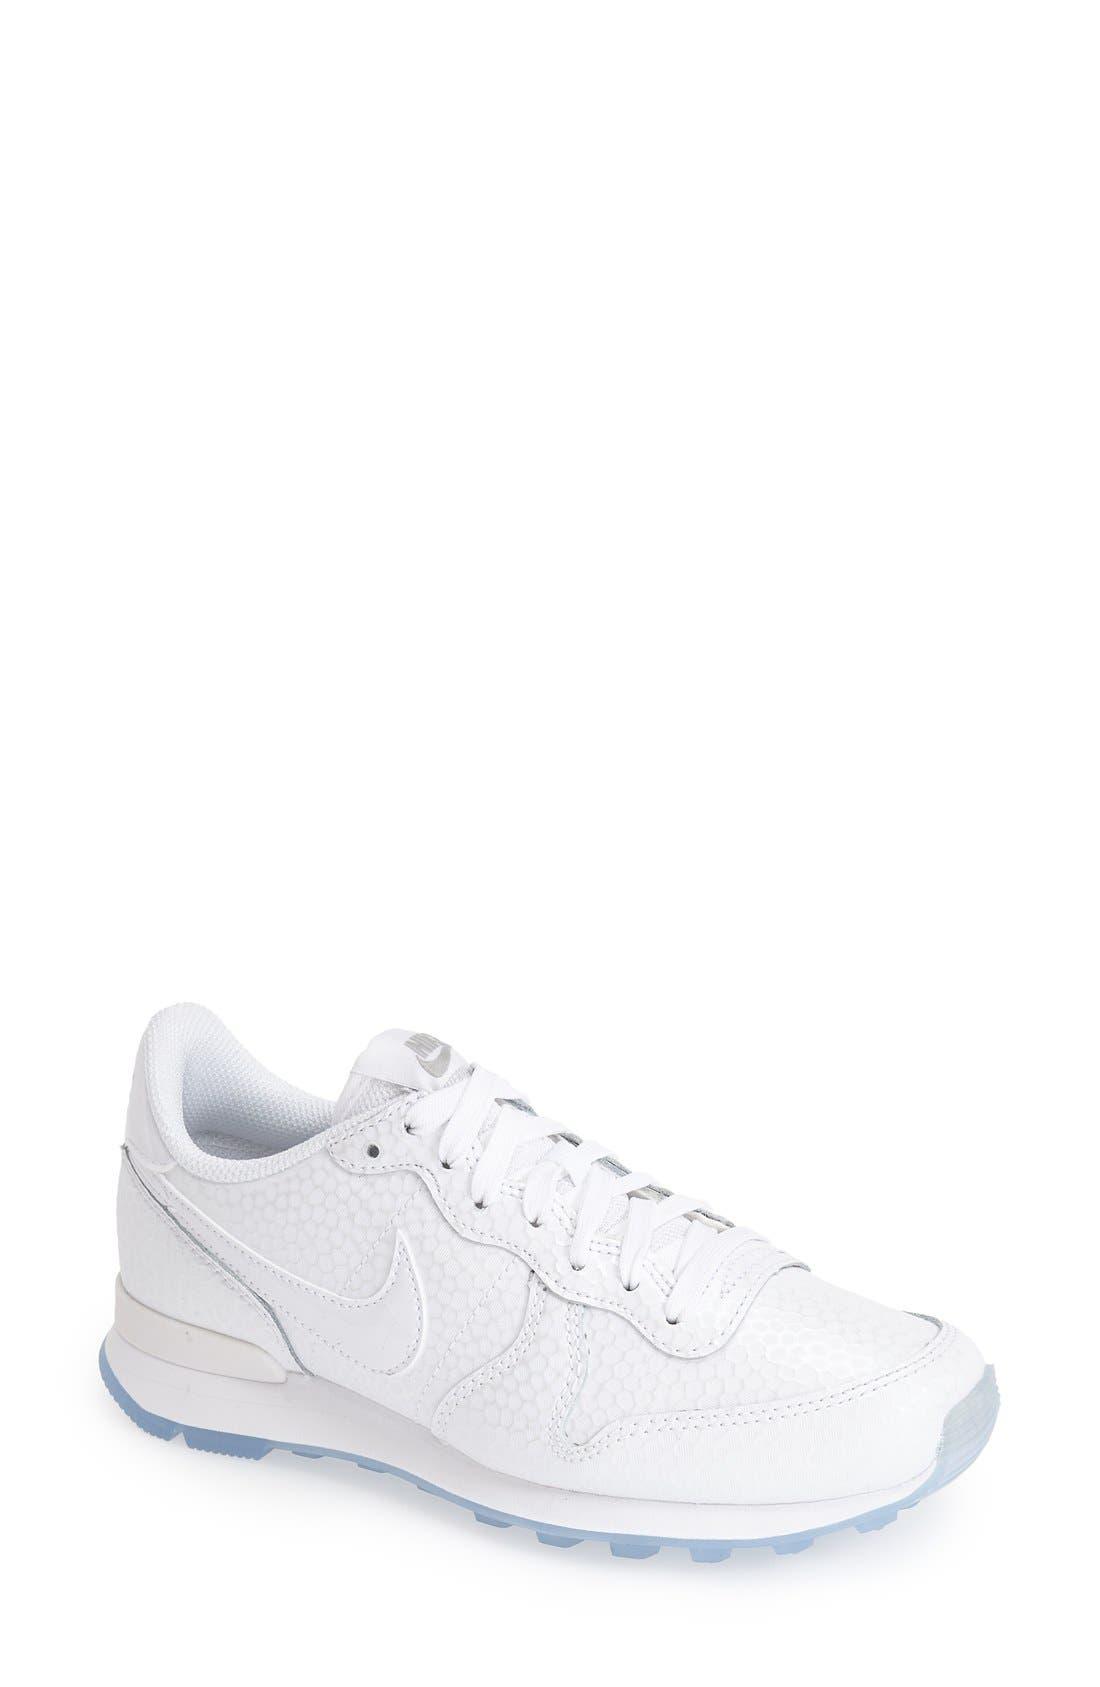 Main Image - Nike 'Internationalist PRM' Sneaker (Women)